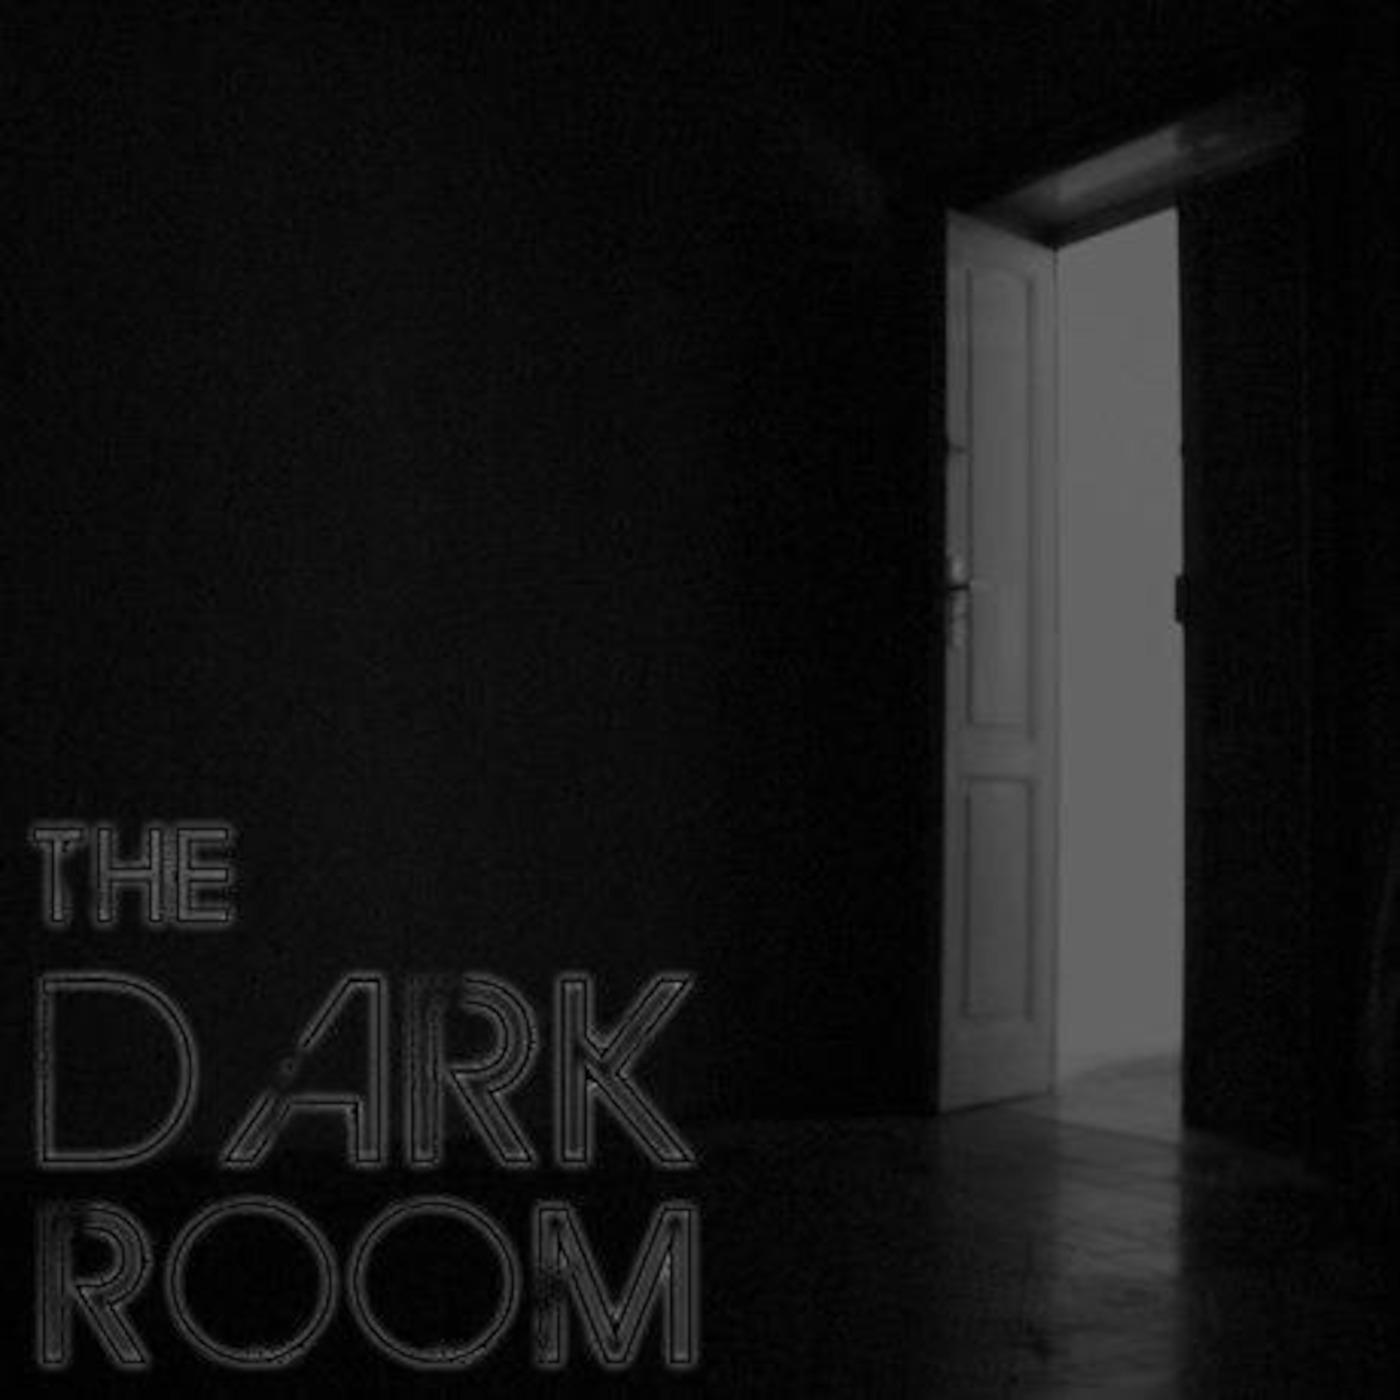 Darkroom Podcast